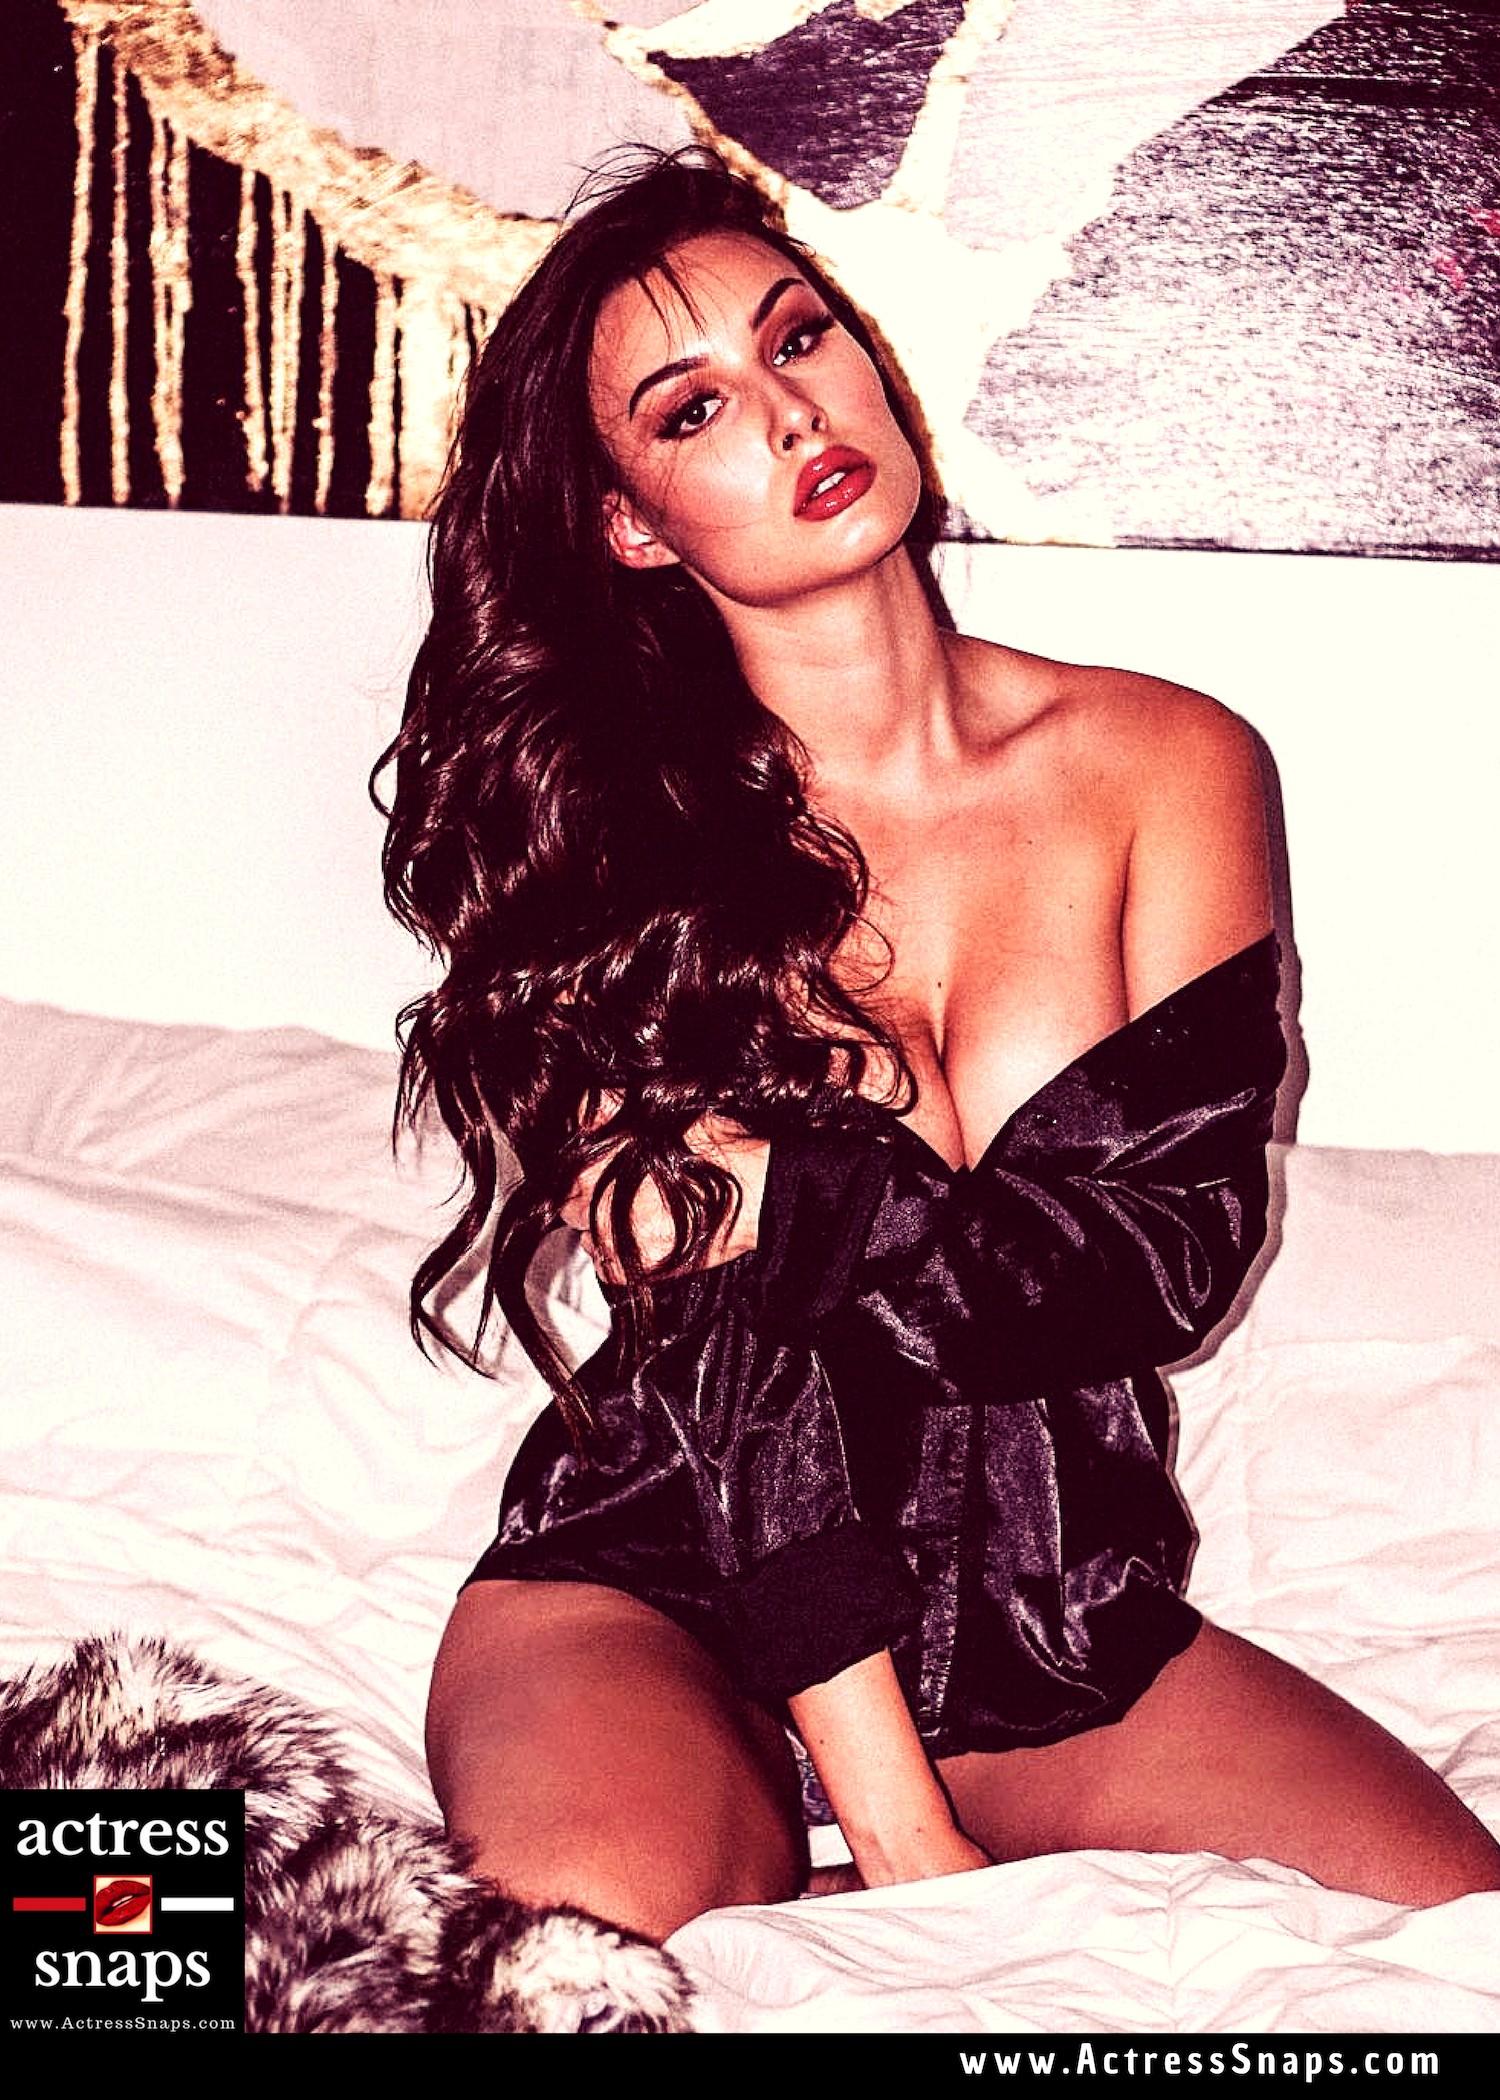 Bianca Kmiec - Hot Fitness Babe - Sexy Actress Pictures | Hot Actress Pictures - ActressSnaps.com